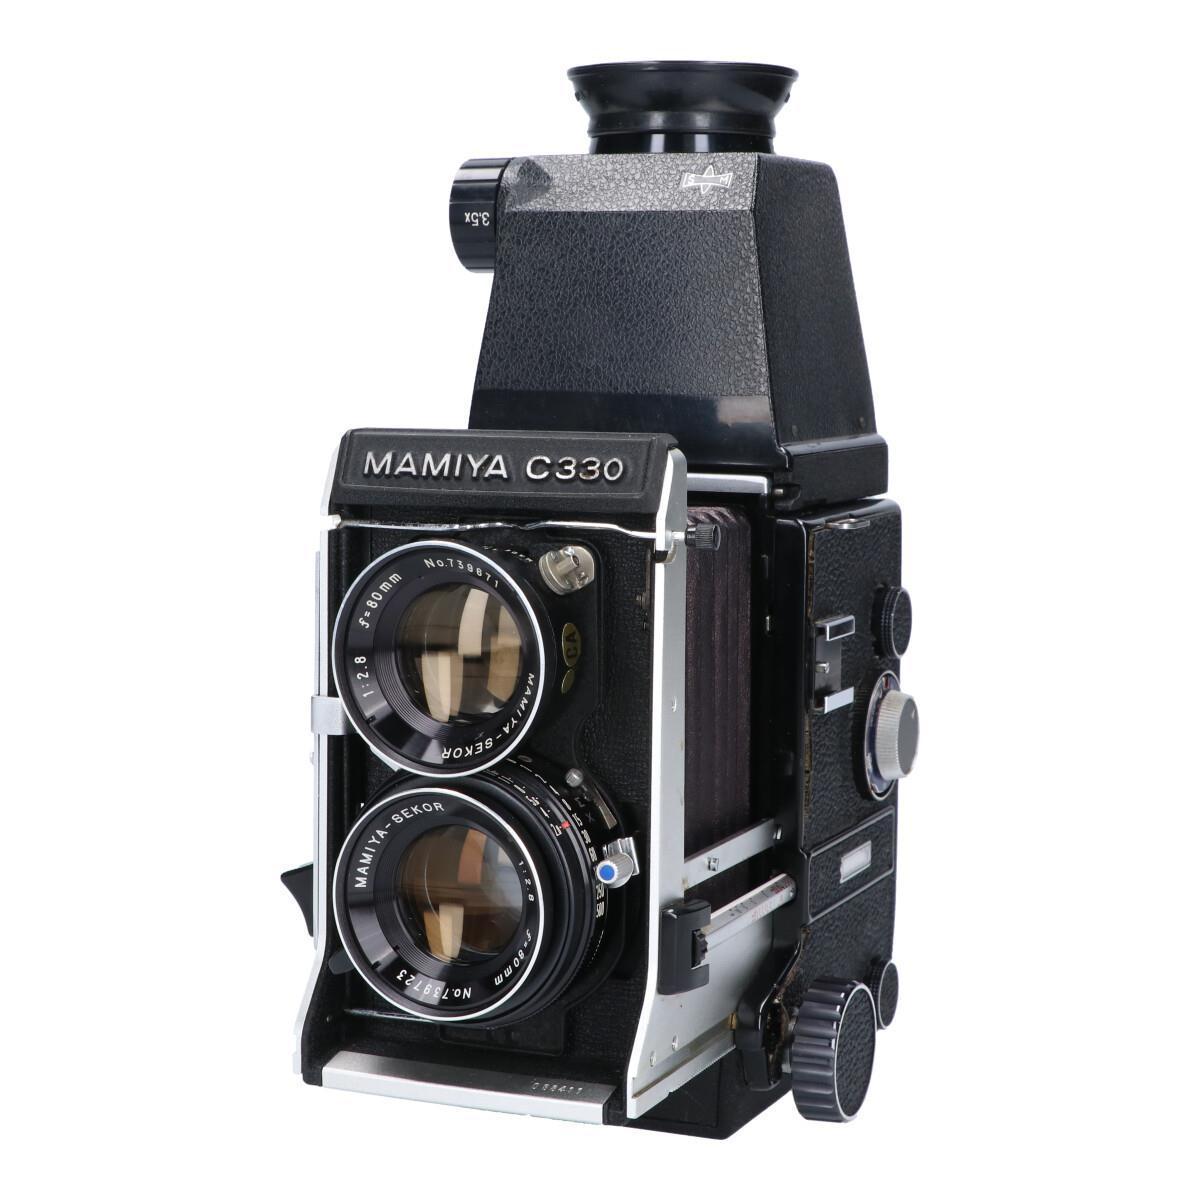 フィルムカメラ, フィルム一眼レフカメラ MAMIYA C330 55mm F4580mm F28135mm F4